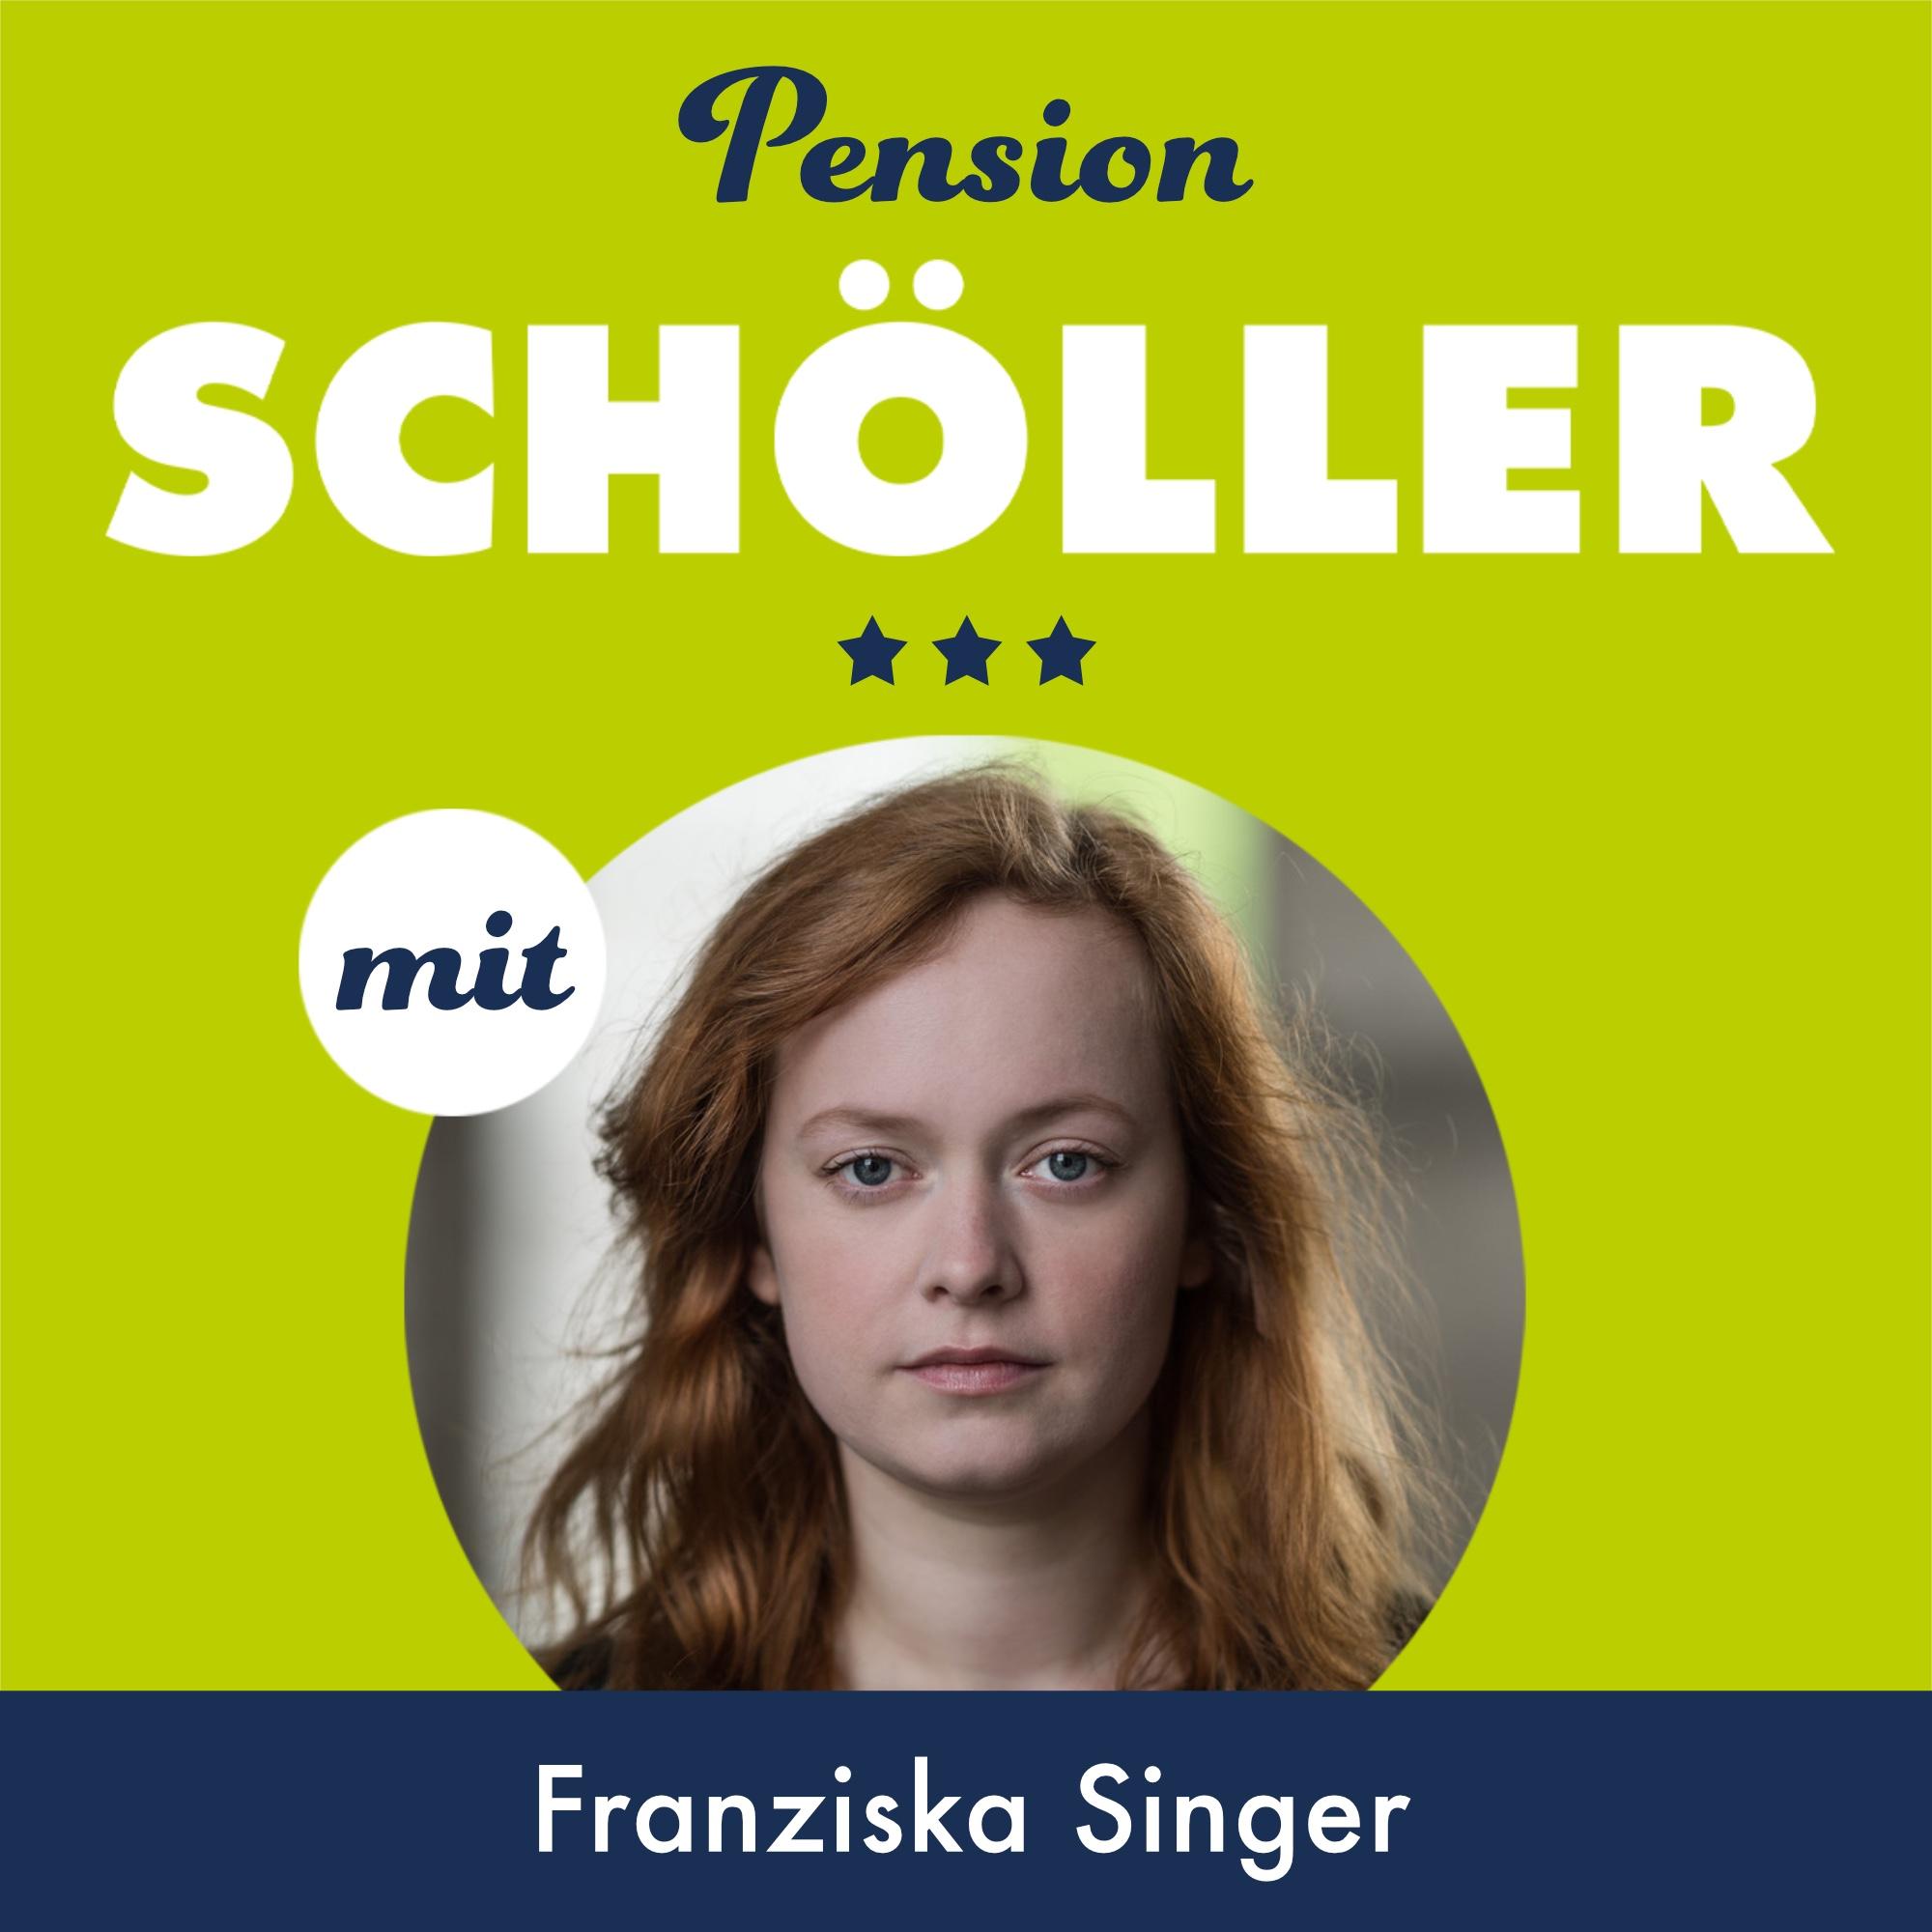 #16 Franziska Singer